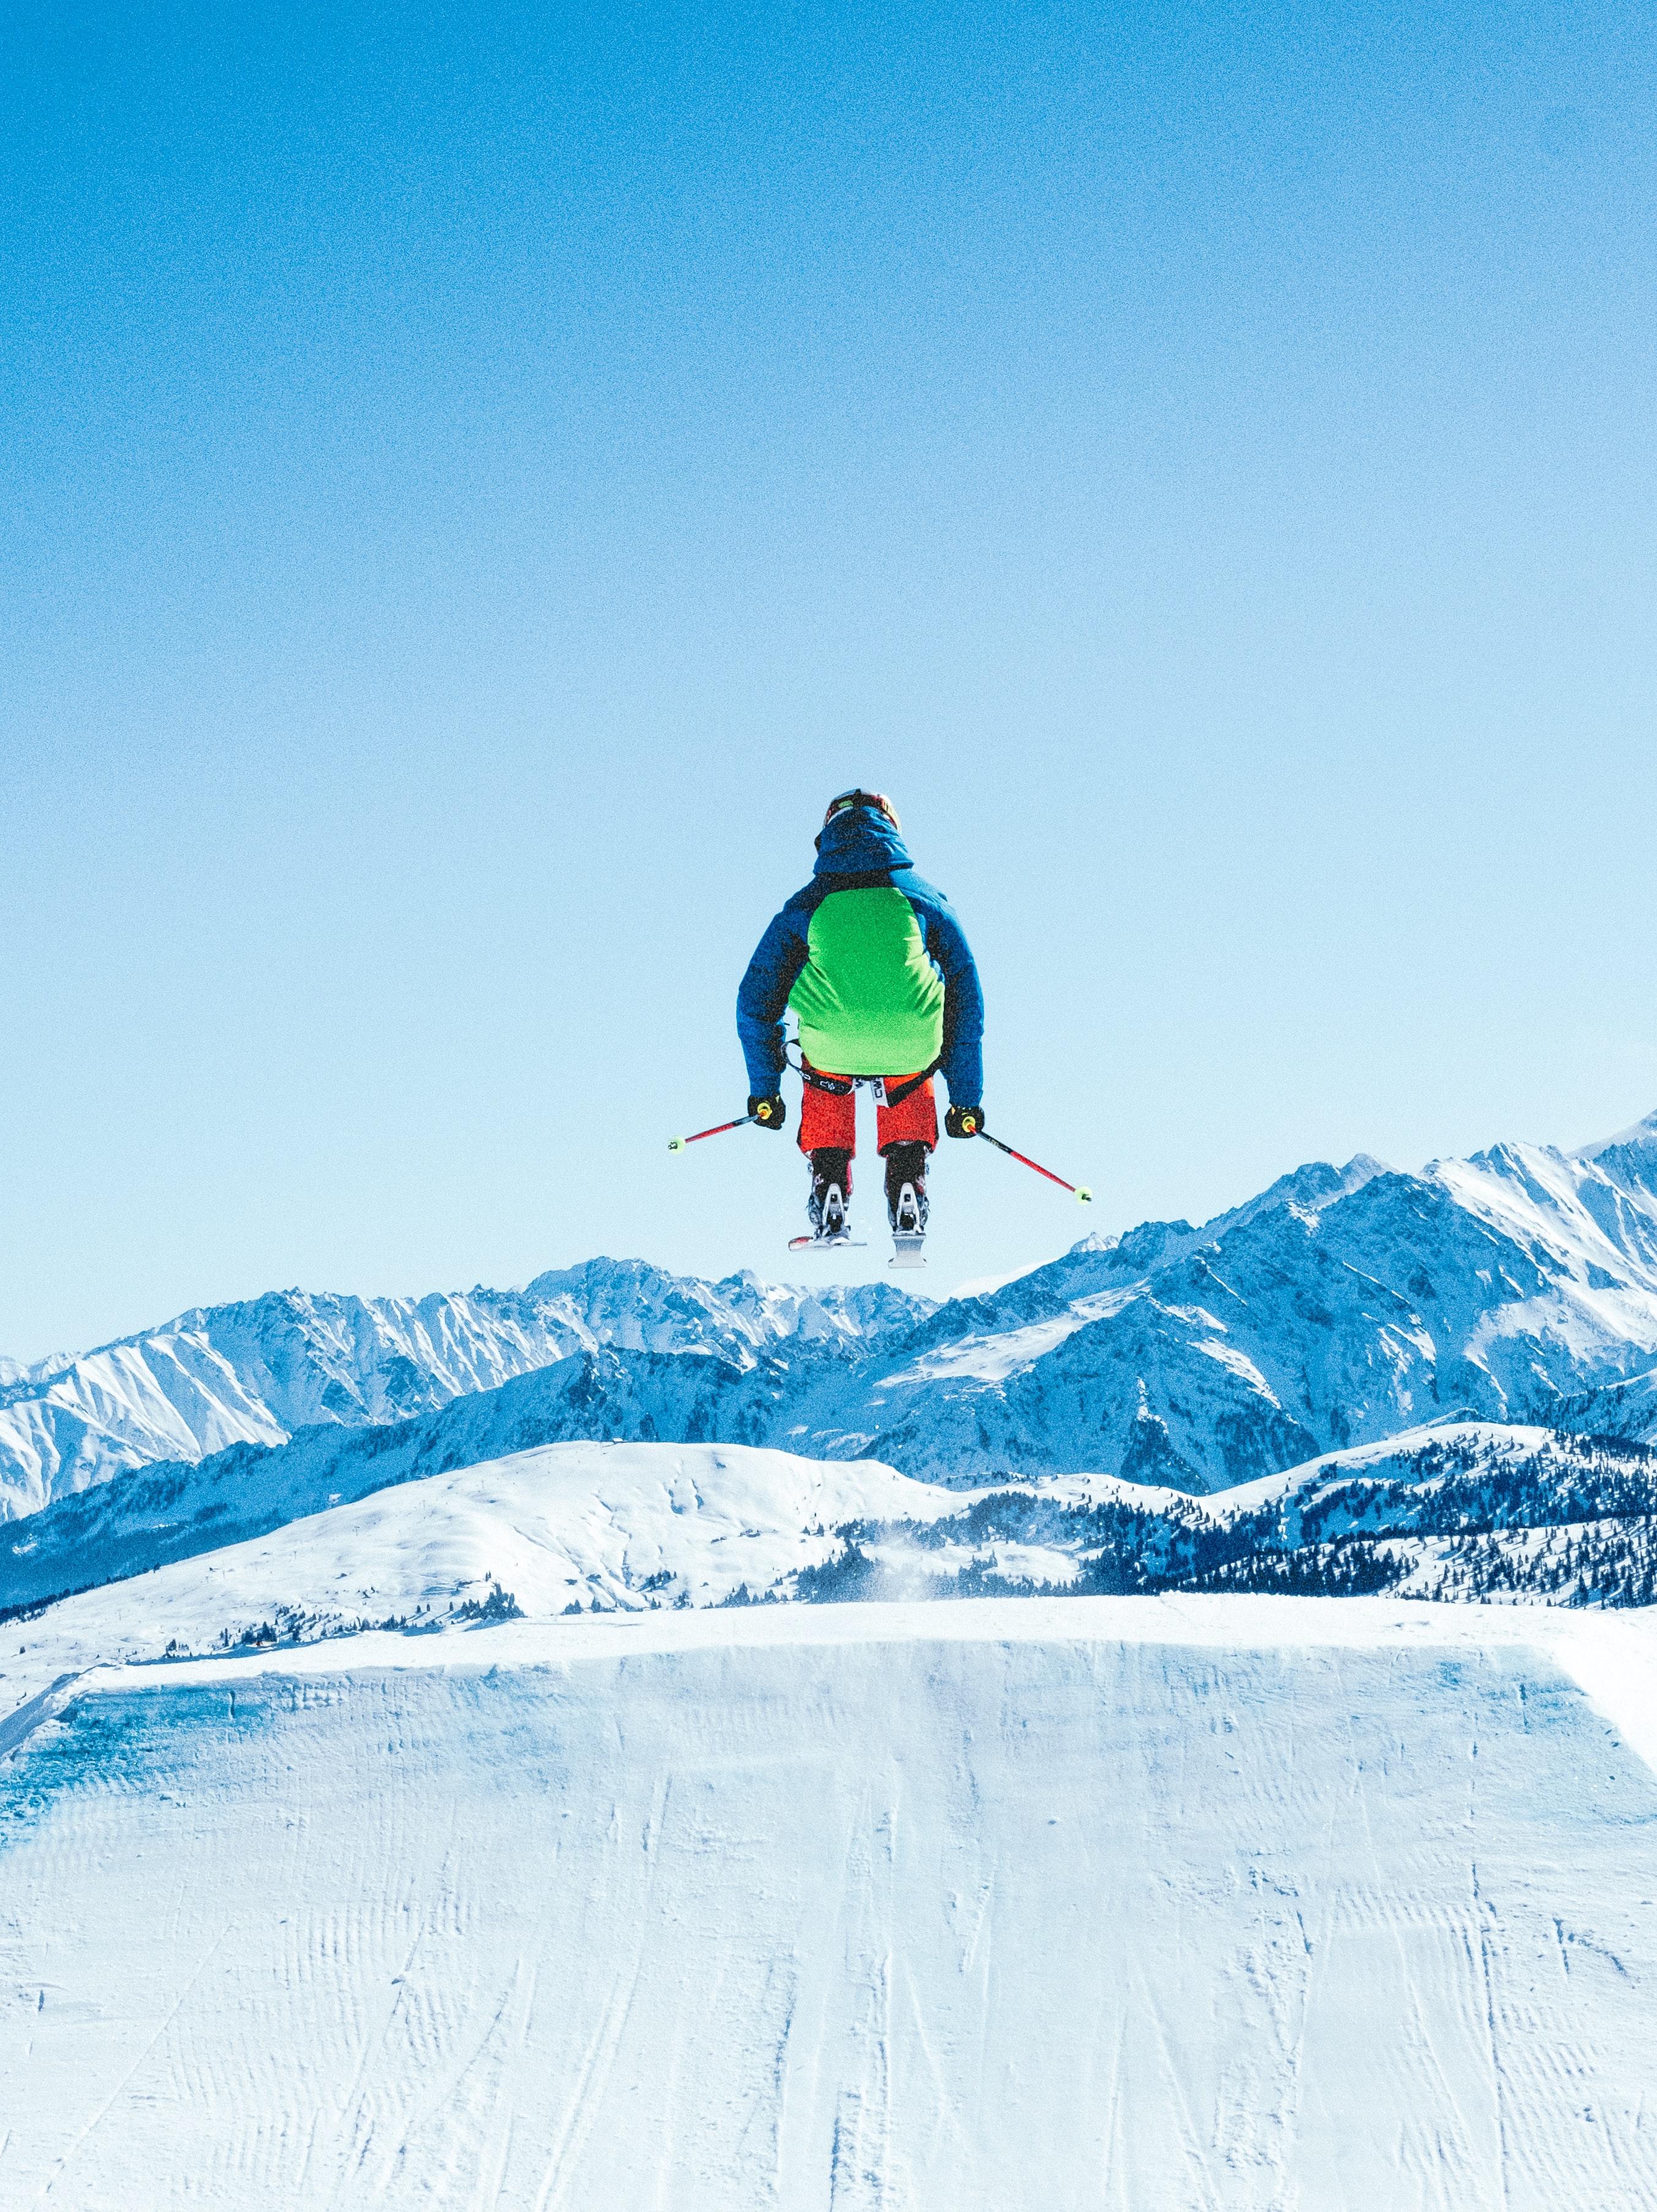 A ski jumper